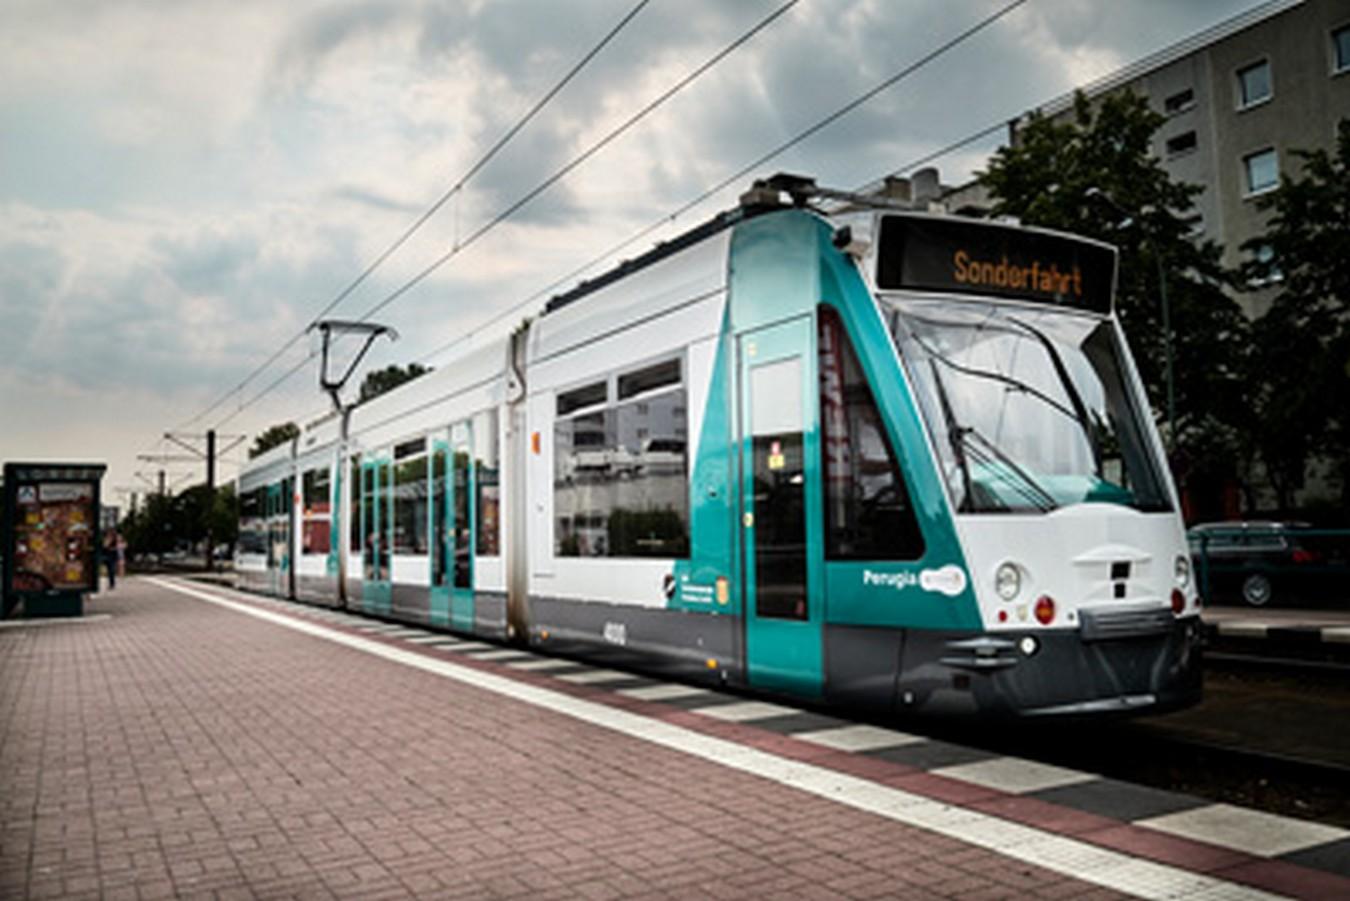 Il primo tram autonomo al mondo ha percorso 6 Km nel traffico in totale sicurezza